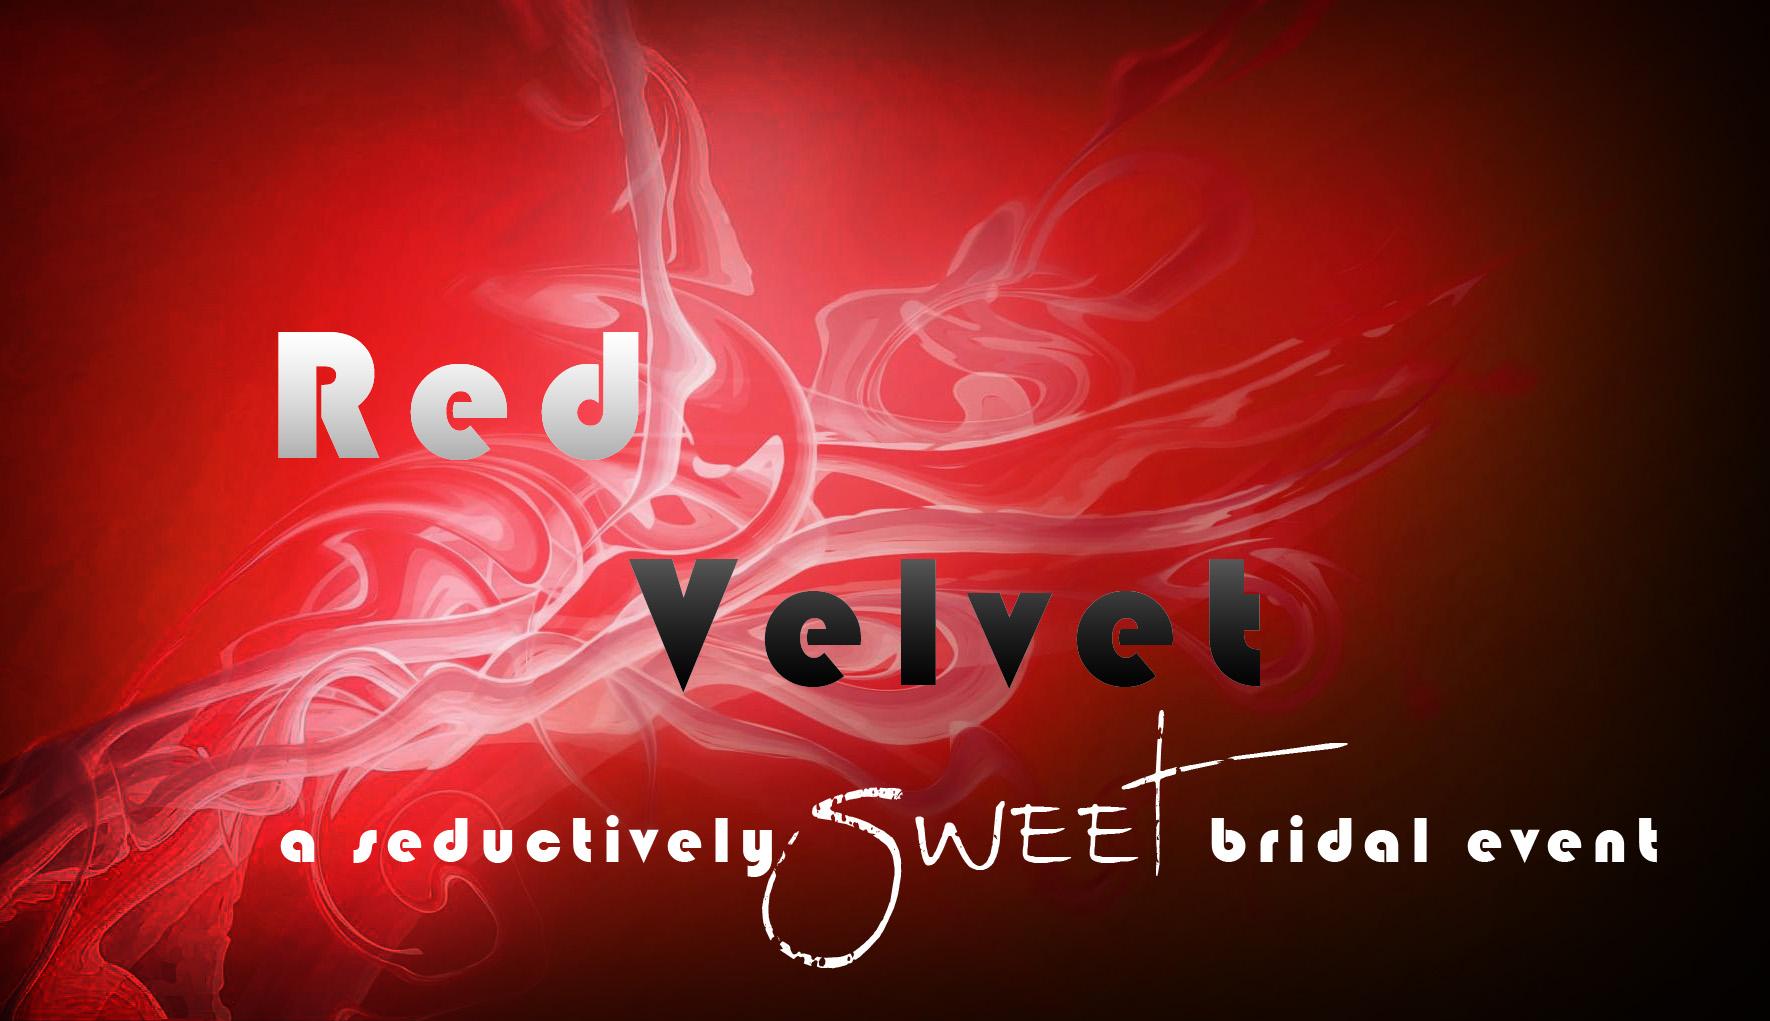 Red Velvet Bridal Event